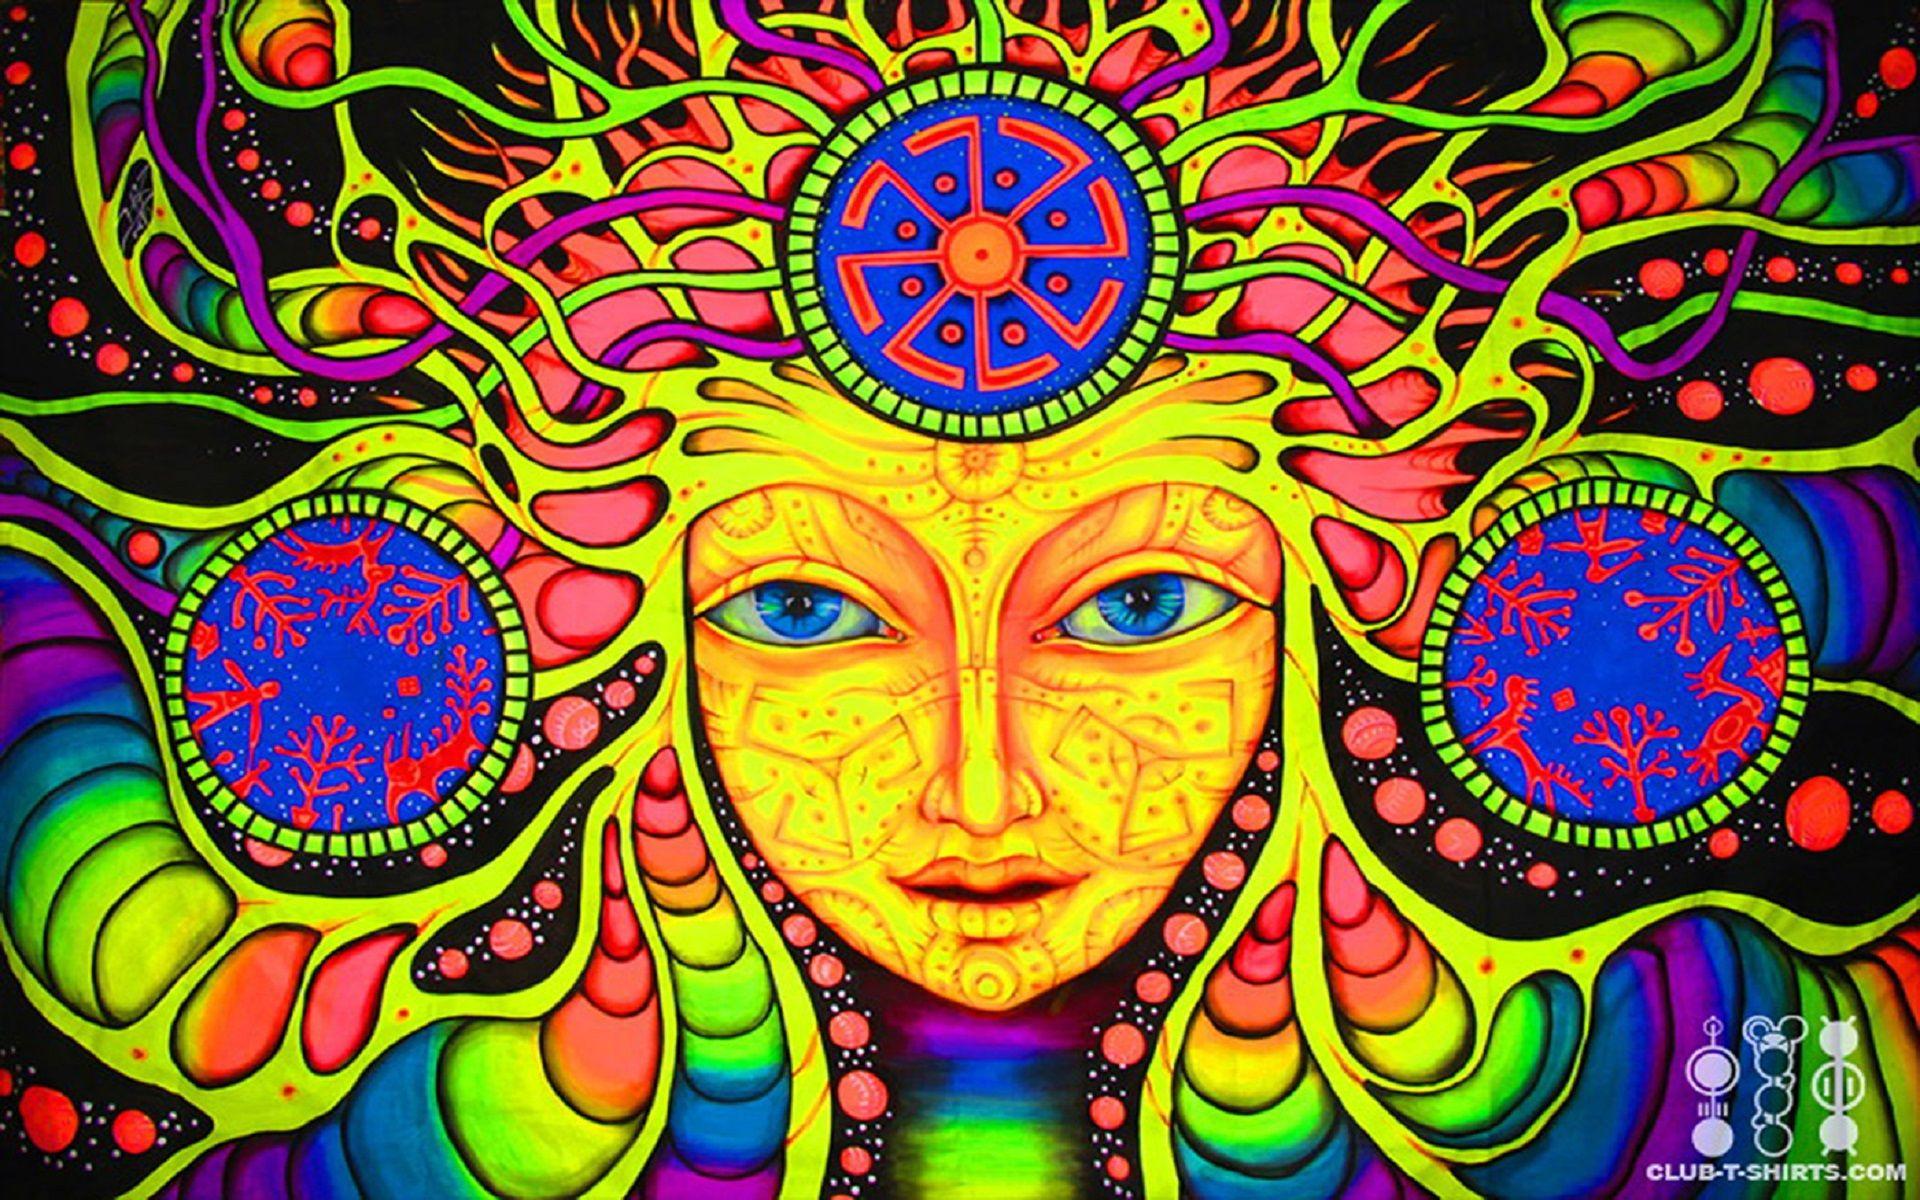 Psychedelic Desktop Wallpaper